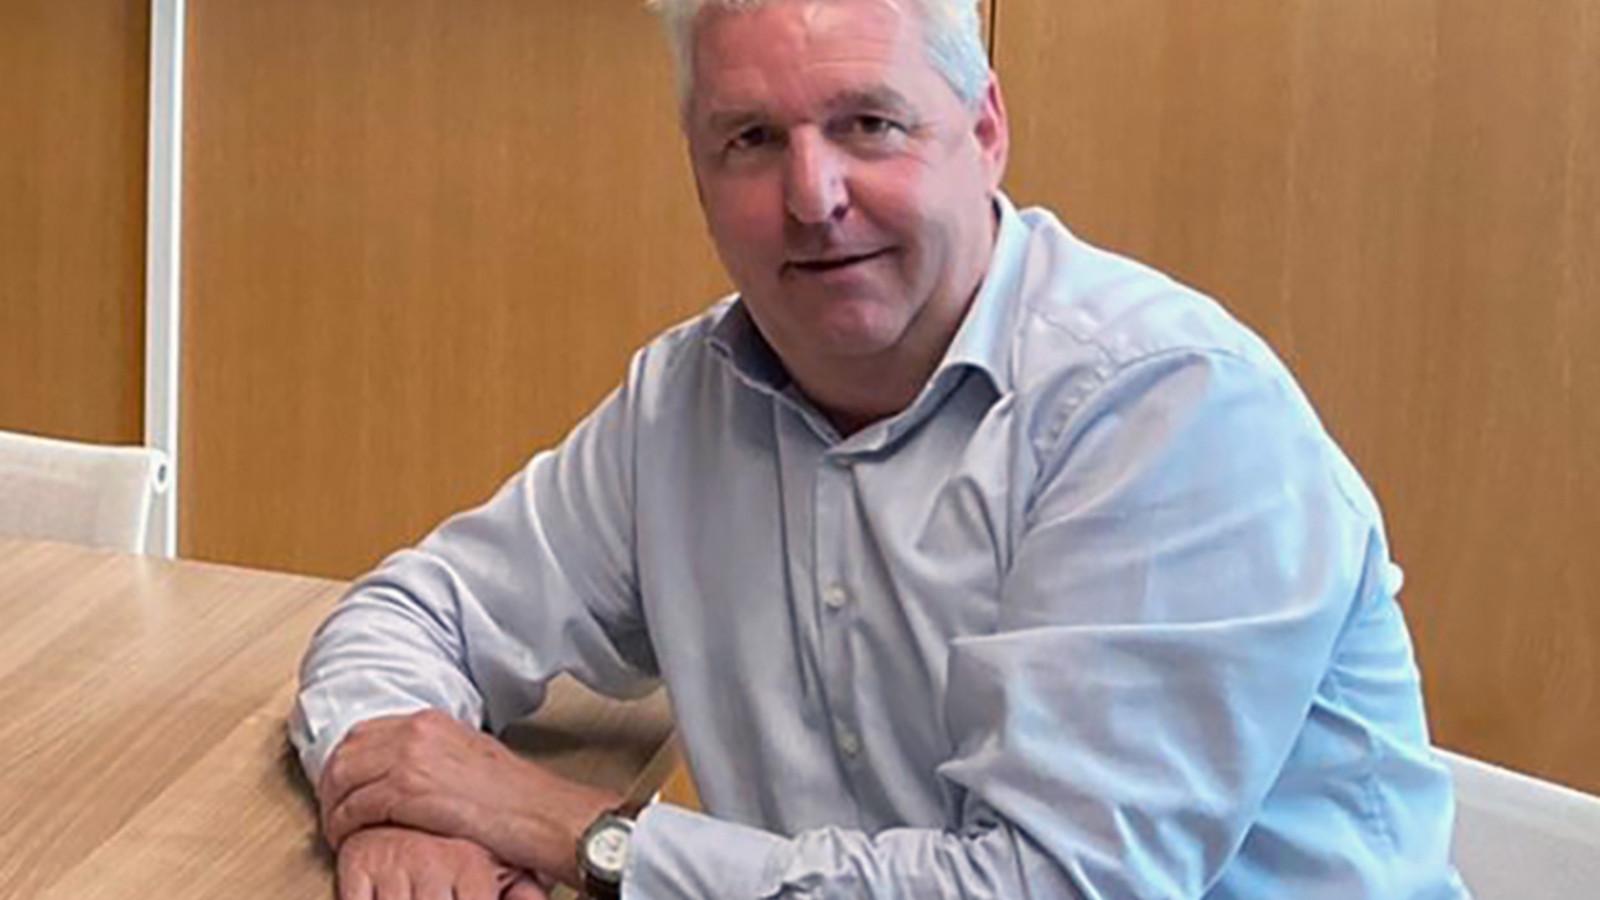 Gouverneur Jan Spooren nam dit jaar het roer van de provincie Vlaams-Brabant over van Lodewijk De Witte.